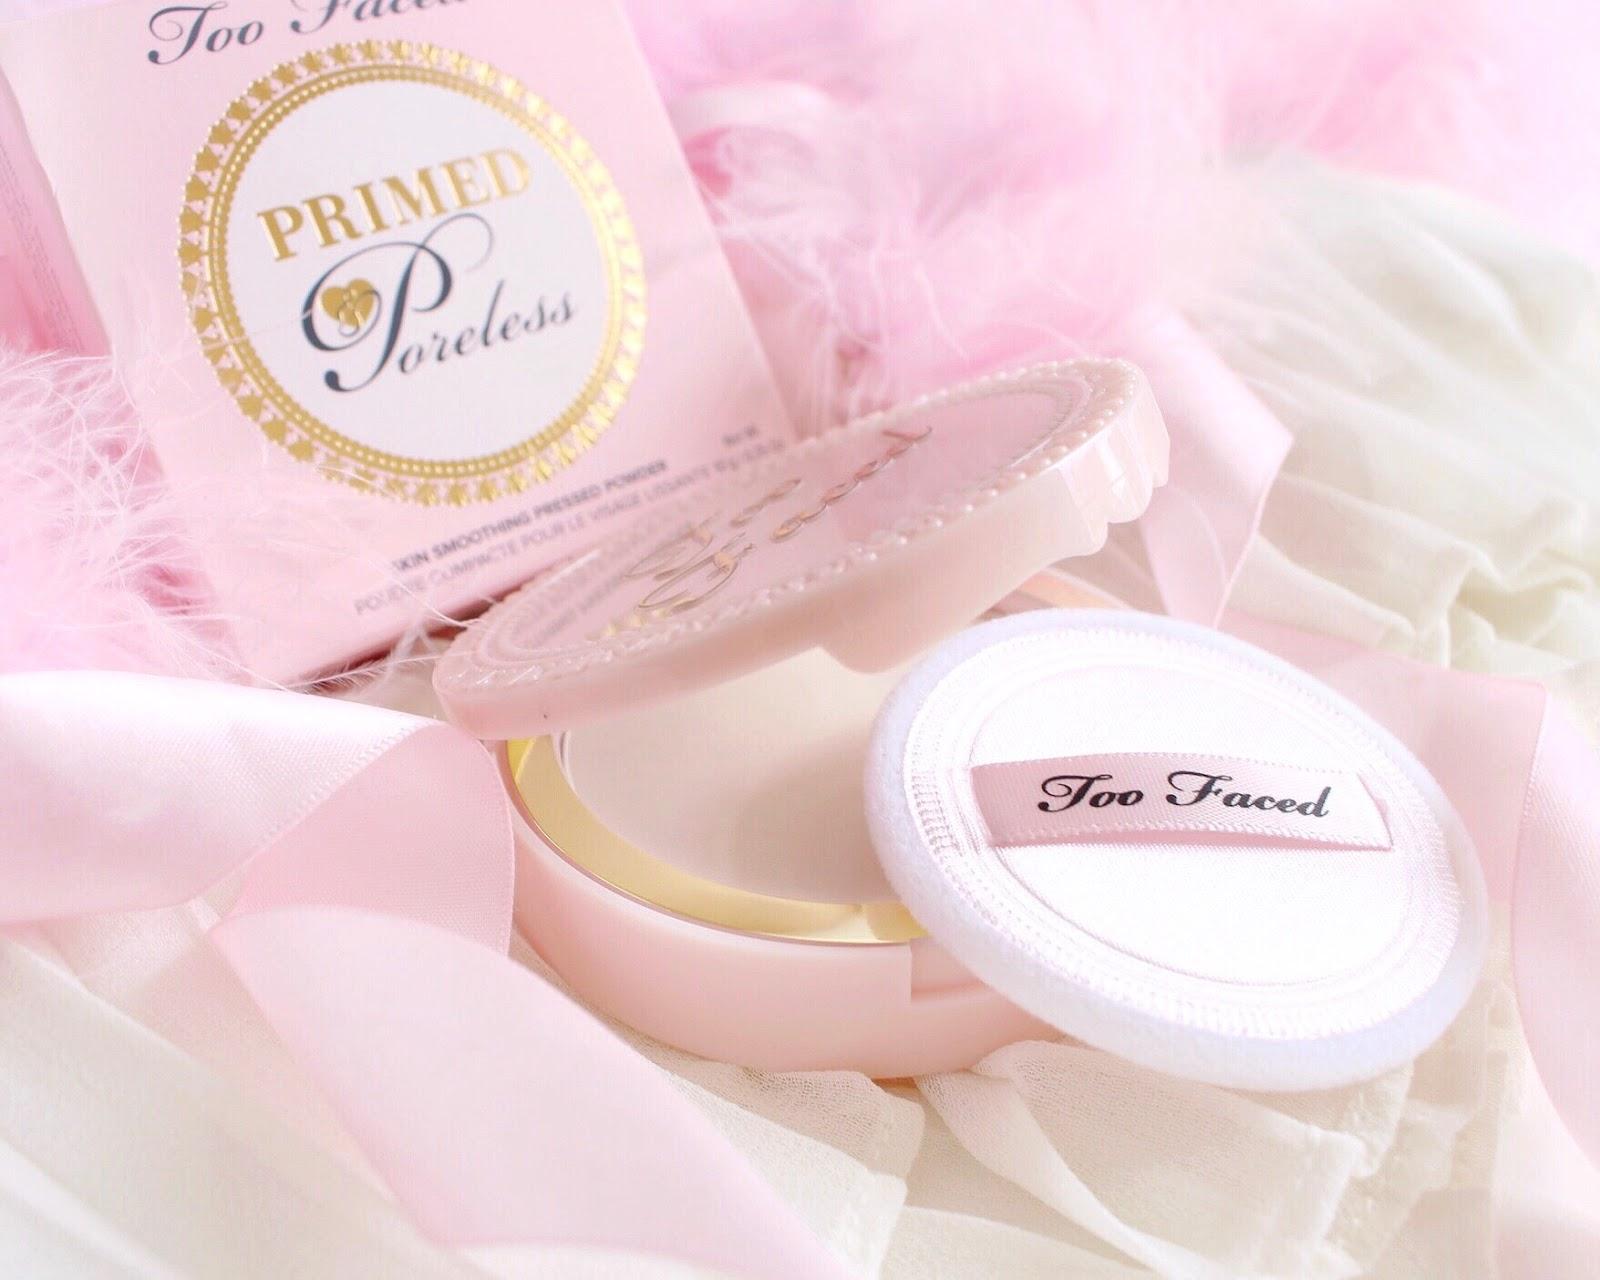 Princessy Makeup Splurge | Too Faced Primed & Poreless Powder